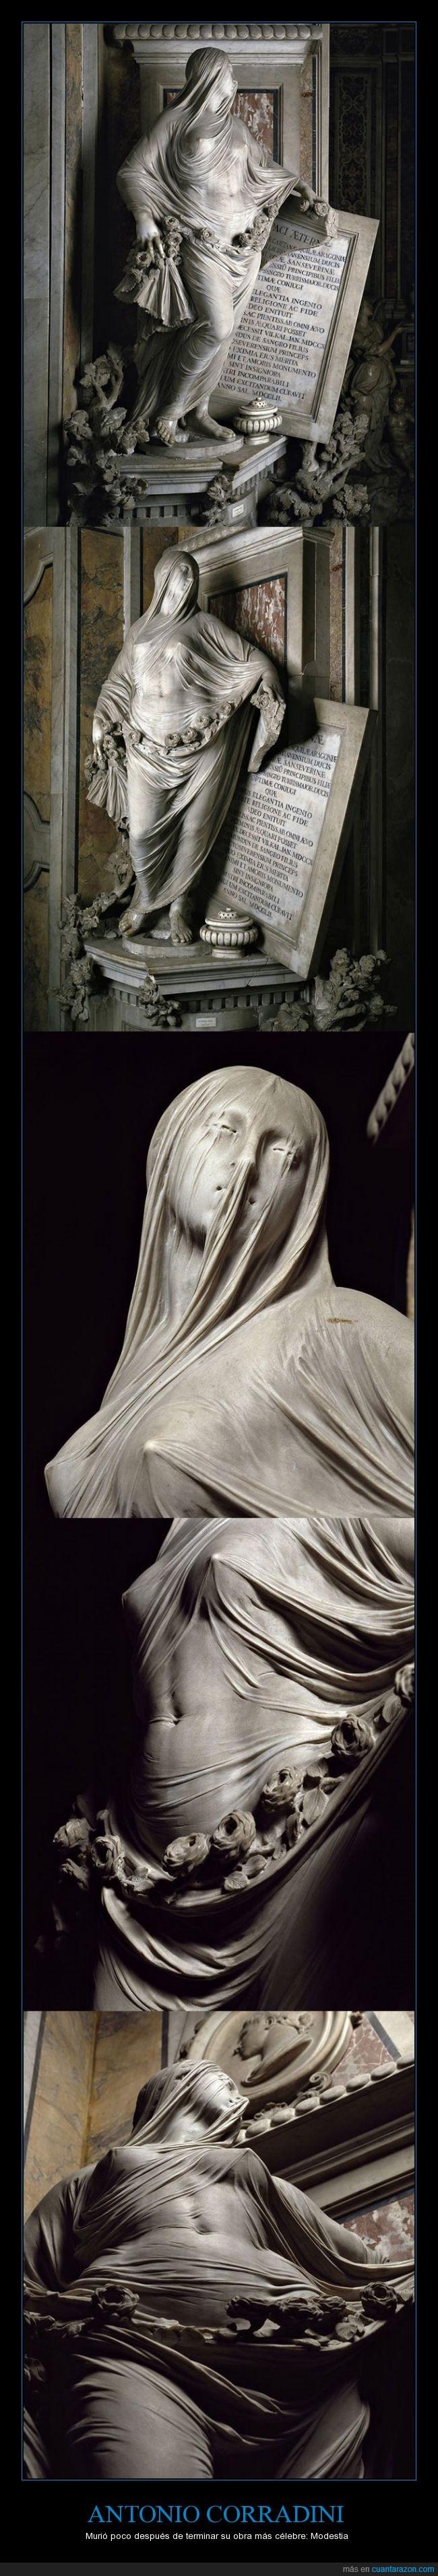 1752,Antonio Corradini,escultor,mármol,Nápoles